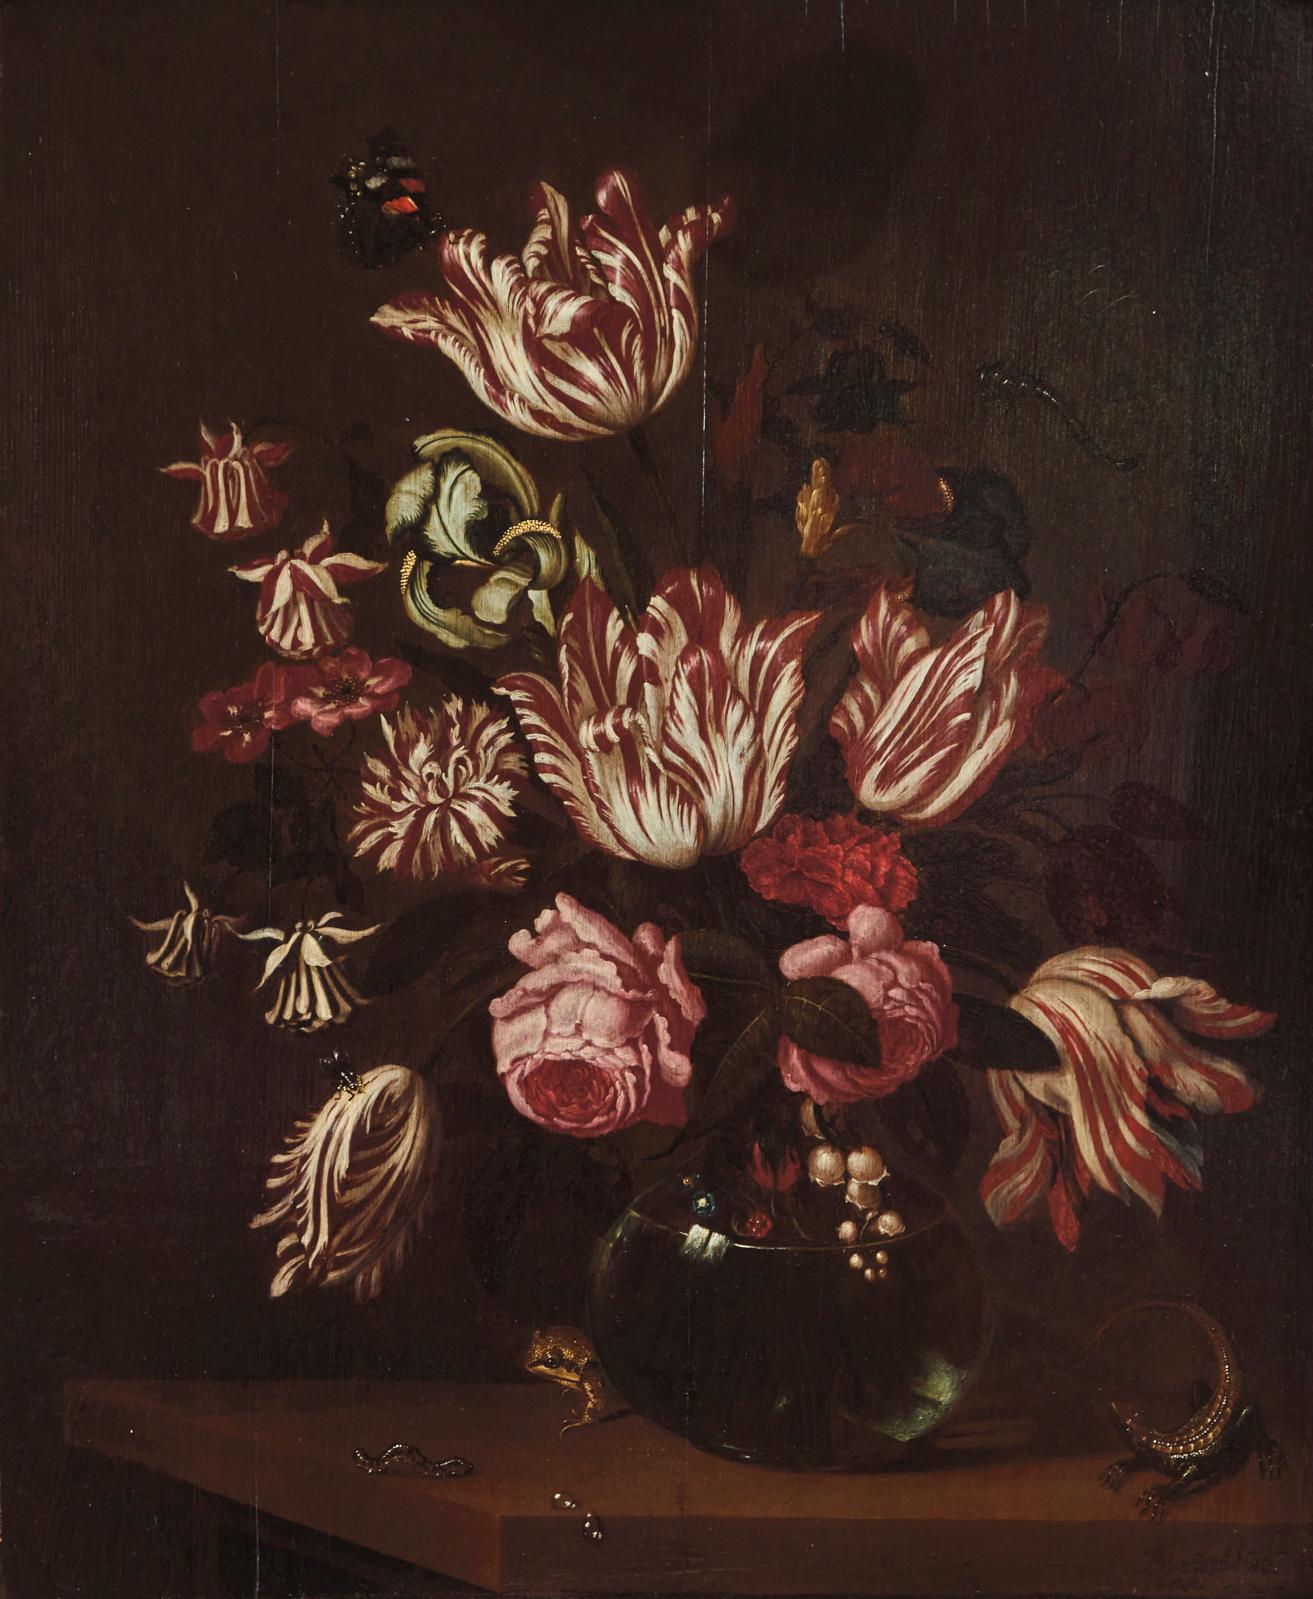 Bartholomeus Assteyn(1607-1667) a peint ce Bouquet de fleurs dans un vase sur un entablement avec lézard, chenille et grenouille (54x44